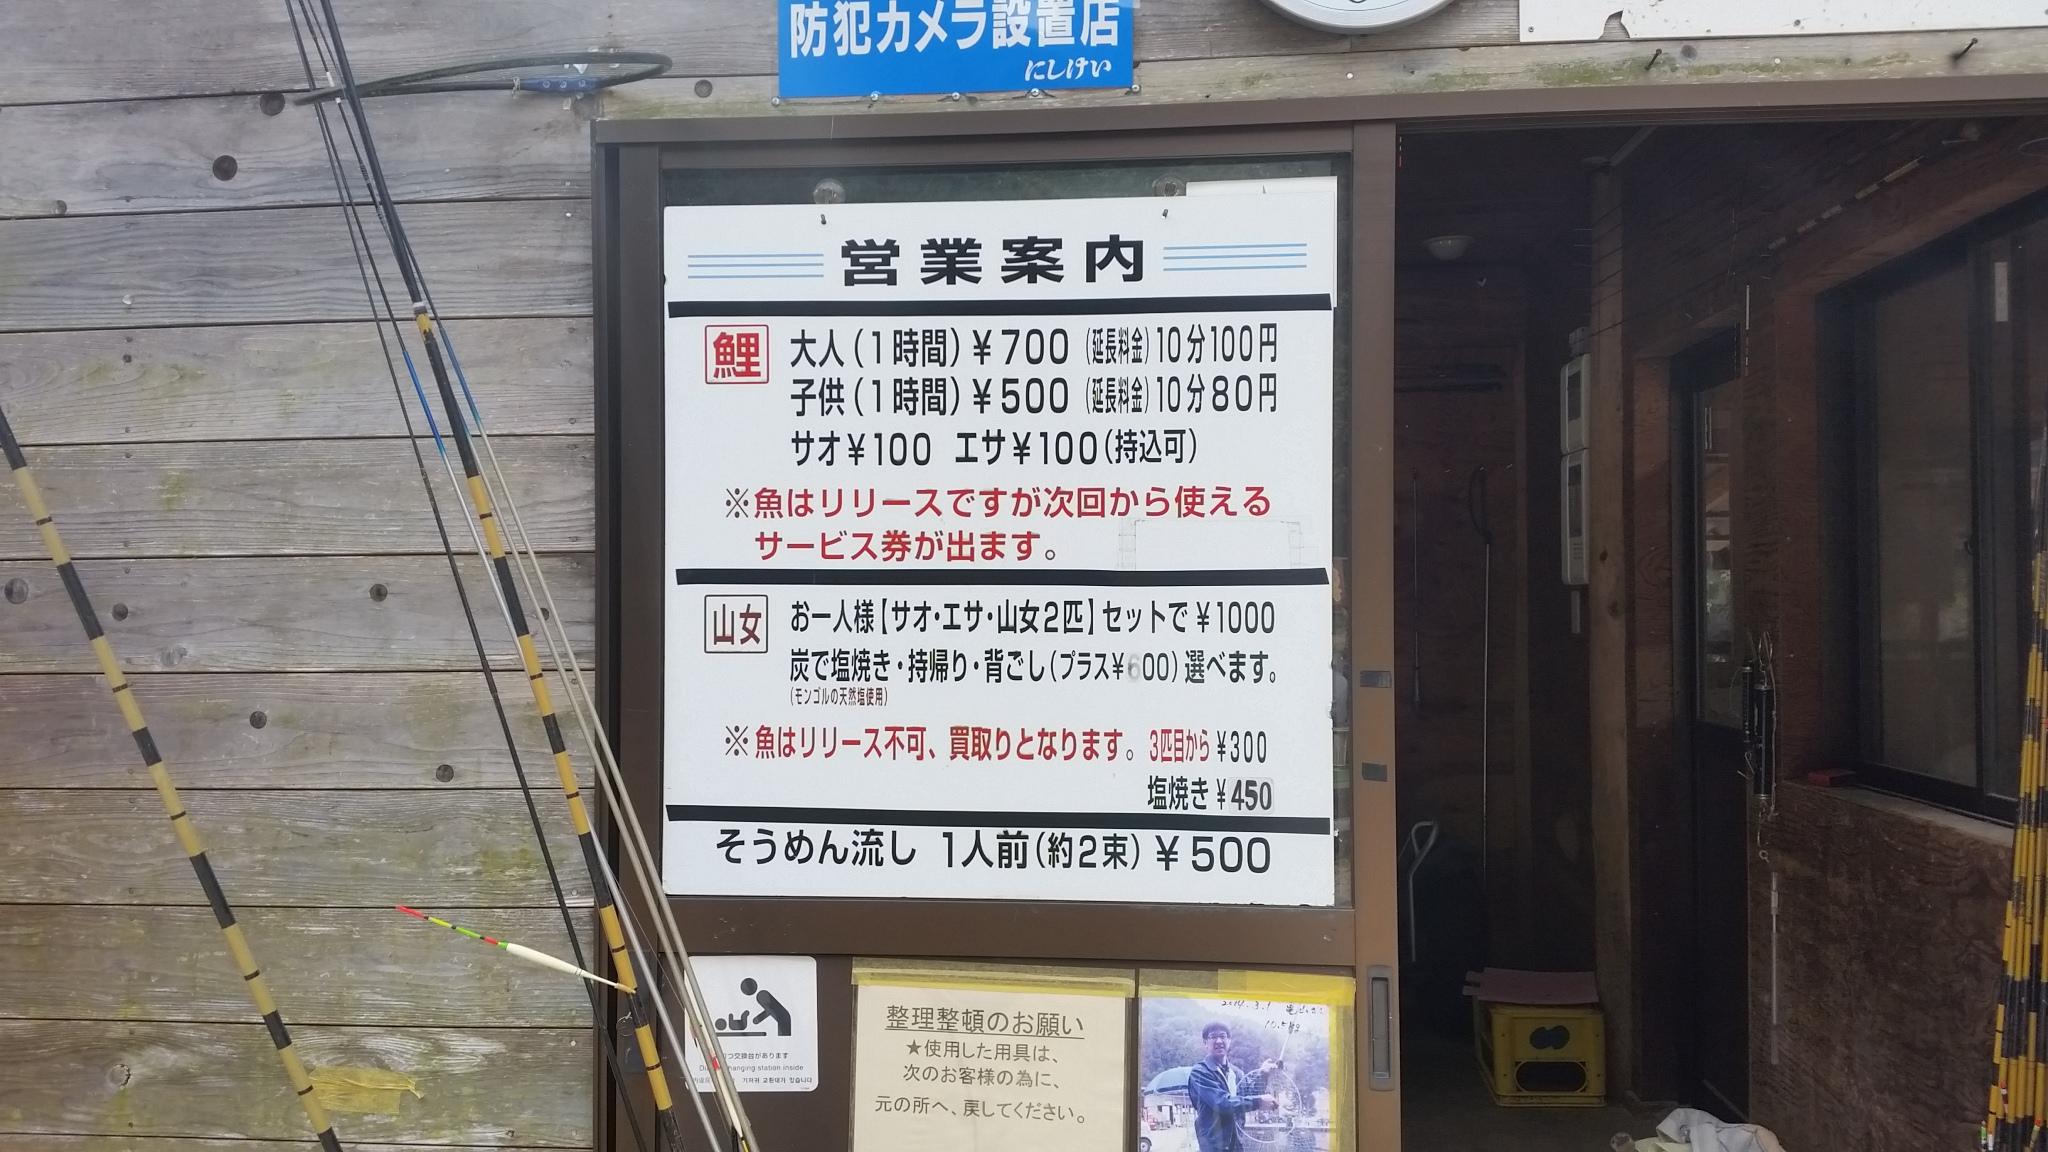 20160327_112600.jpg